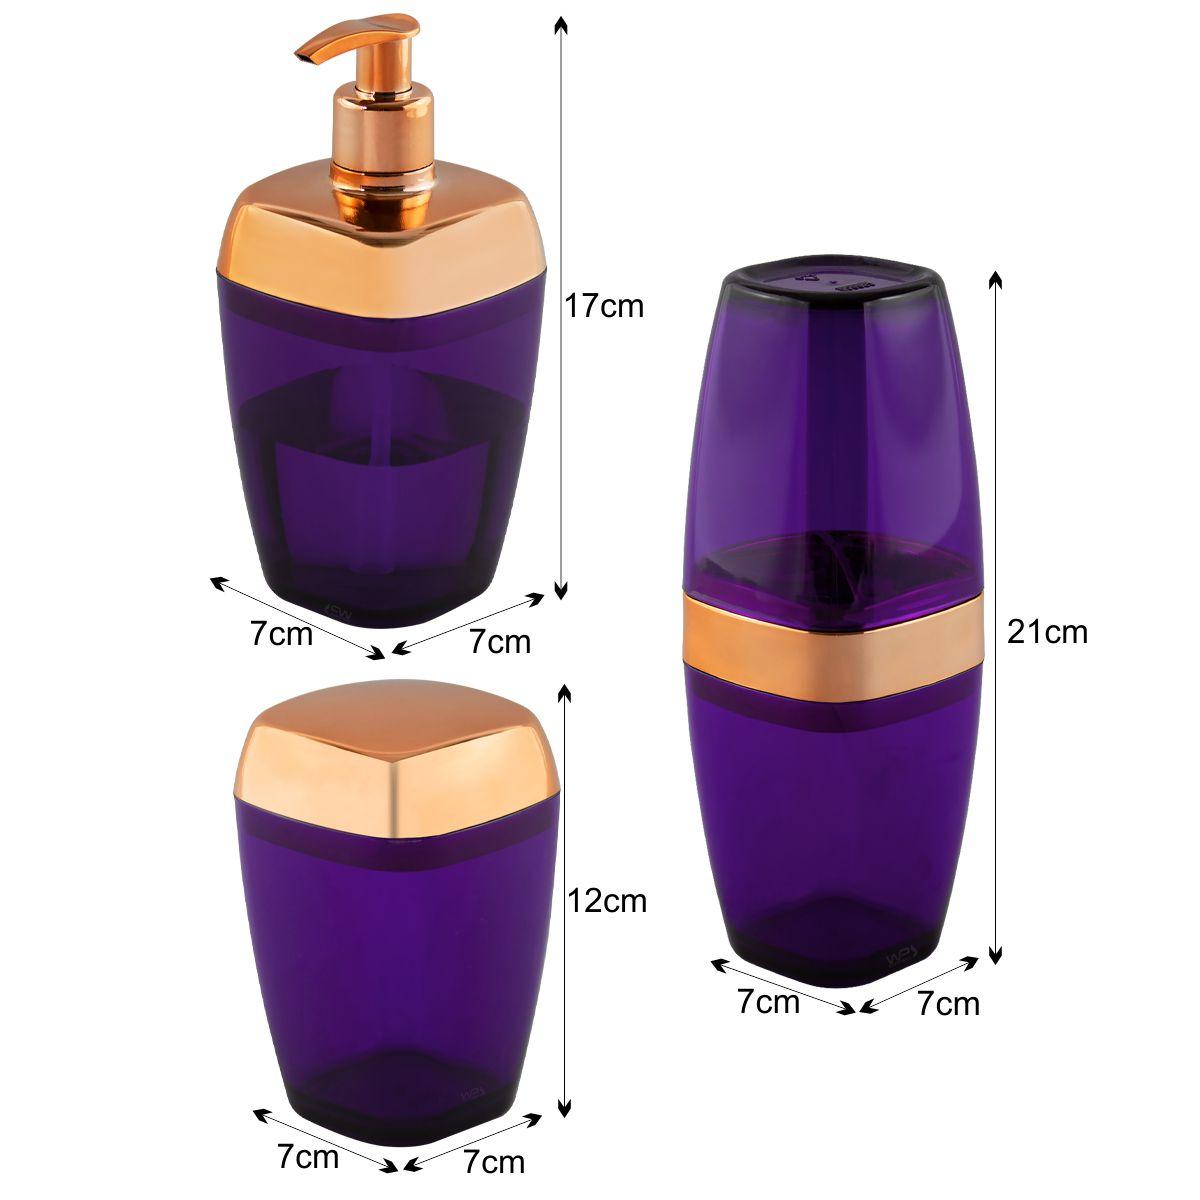 Kit Porta Sabonete Líquido Escova e Algodão Translúcido Rosé Gold